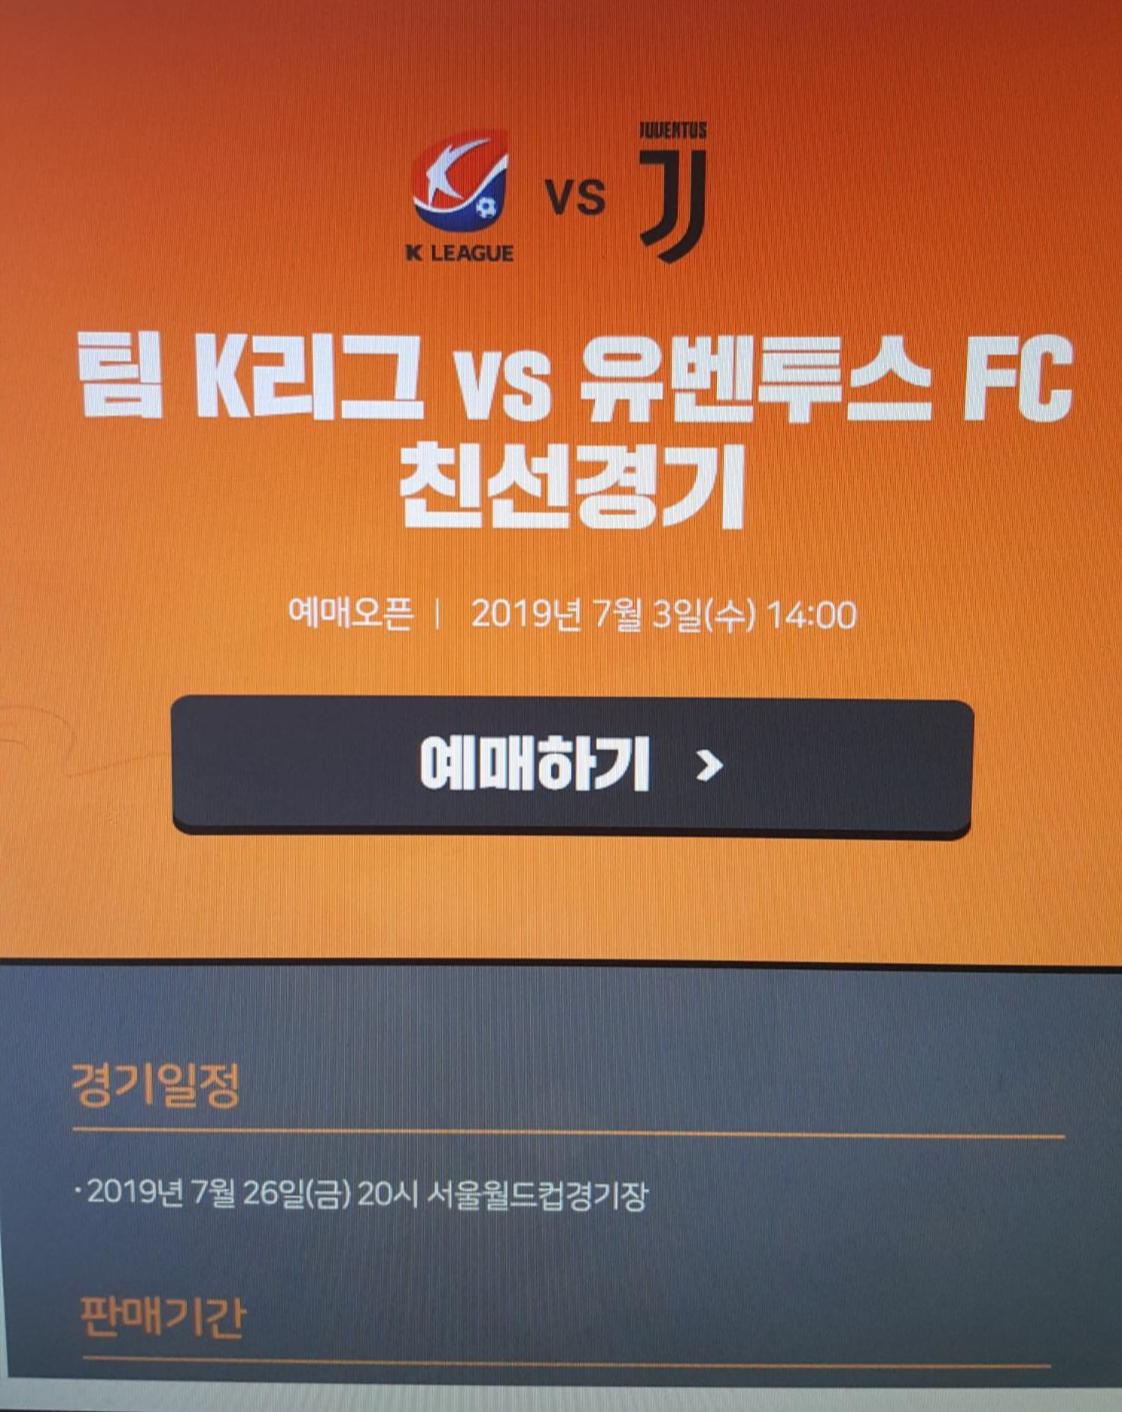 7월 26일 (금) 팀 K리그 VS 유벤투스 FC 축구 친선 경기 예매